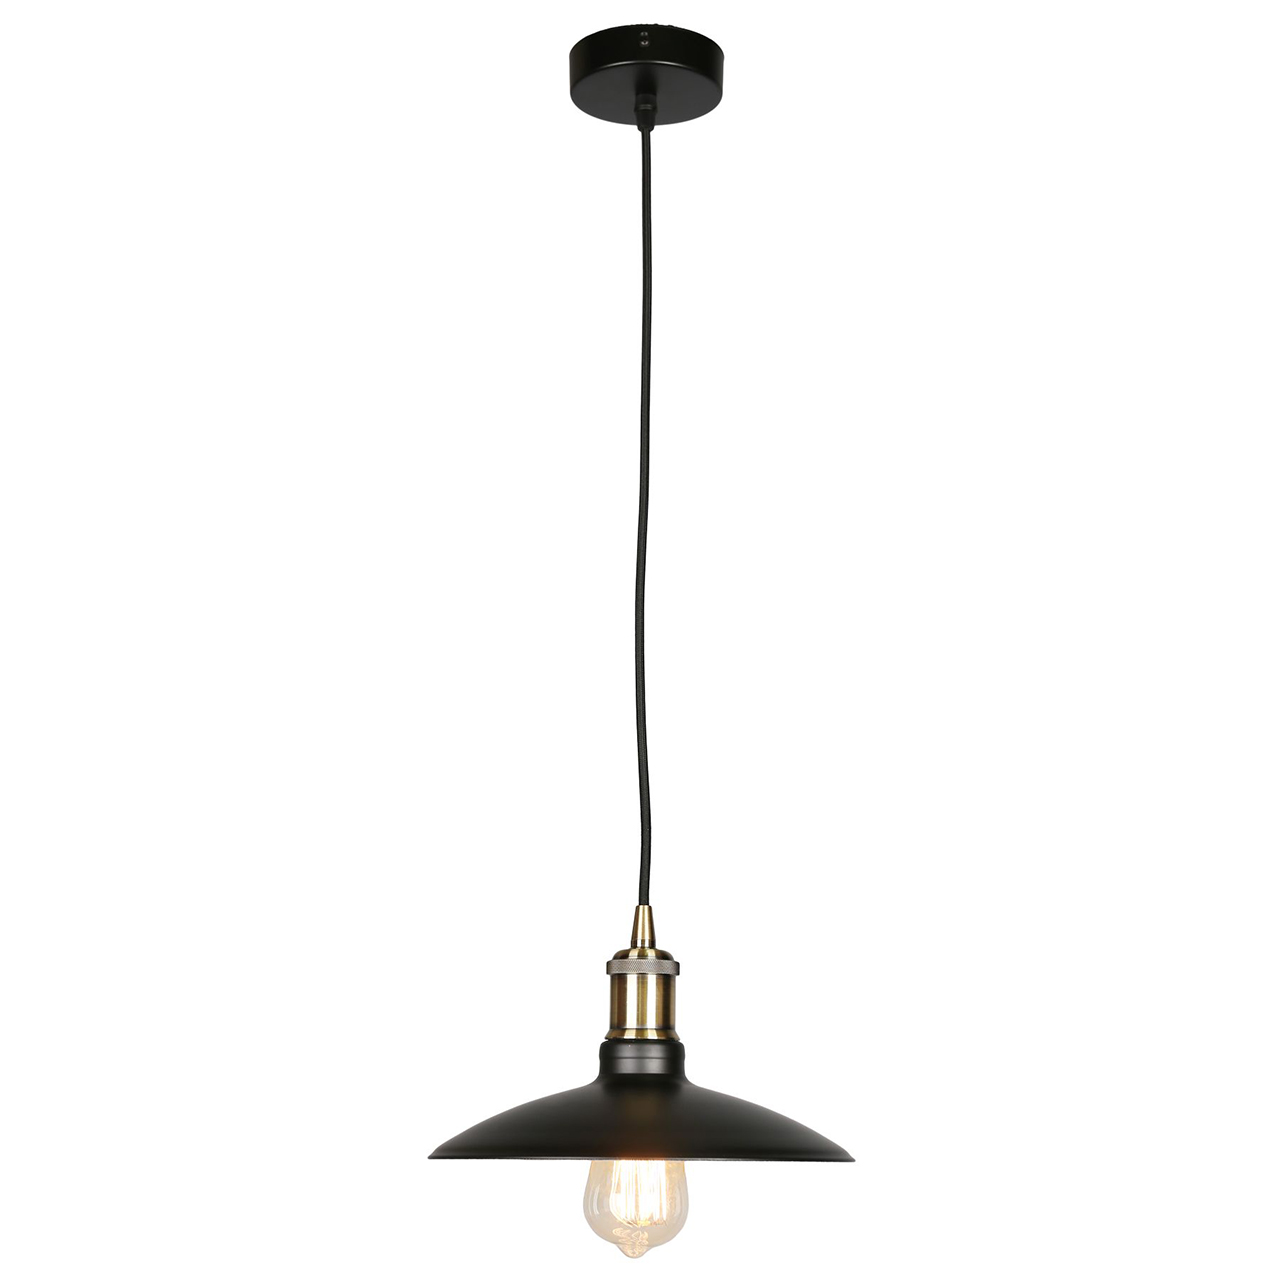 Подвесной светильник Omnilux OML-90806-01 omnilux подвесной светильник omnilux busachi oml 48313 50